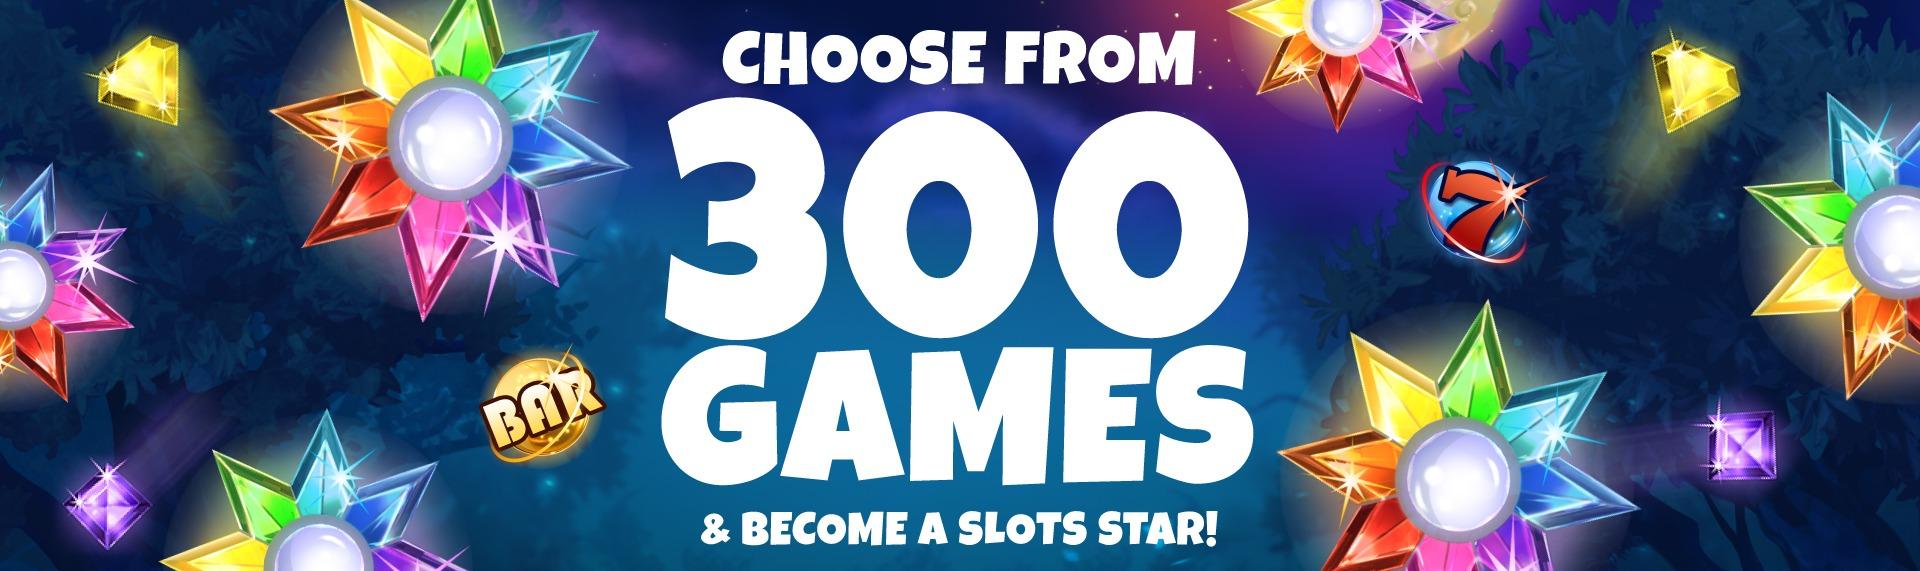 Kozmo Bingo Games